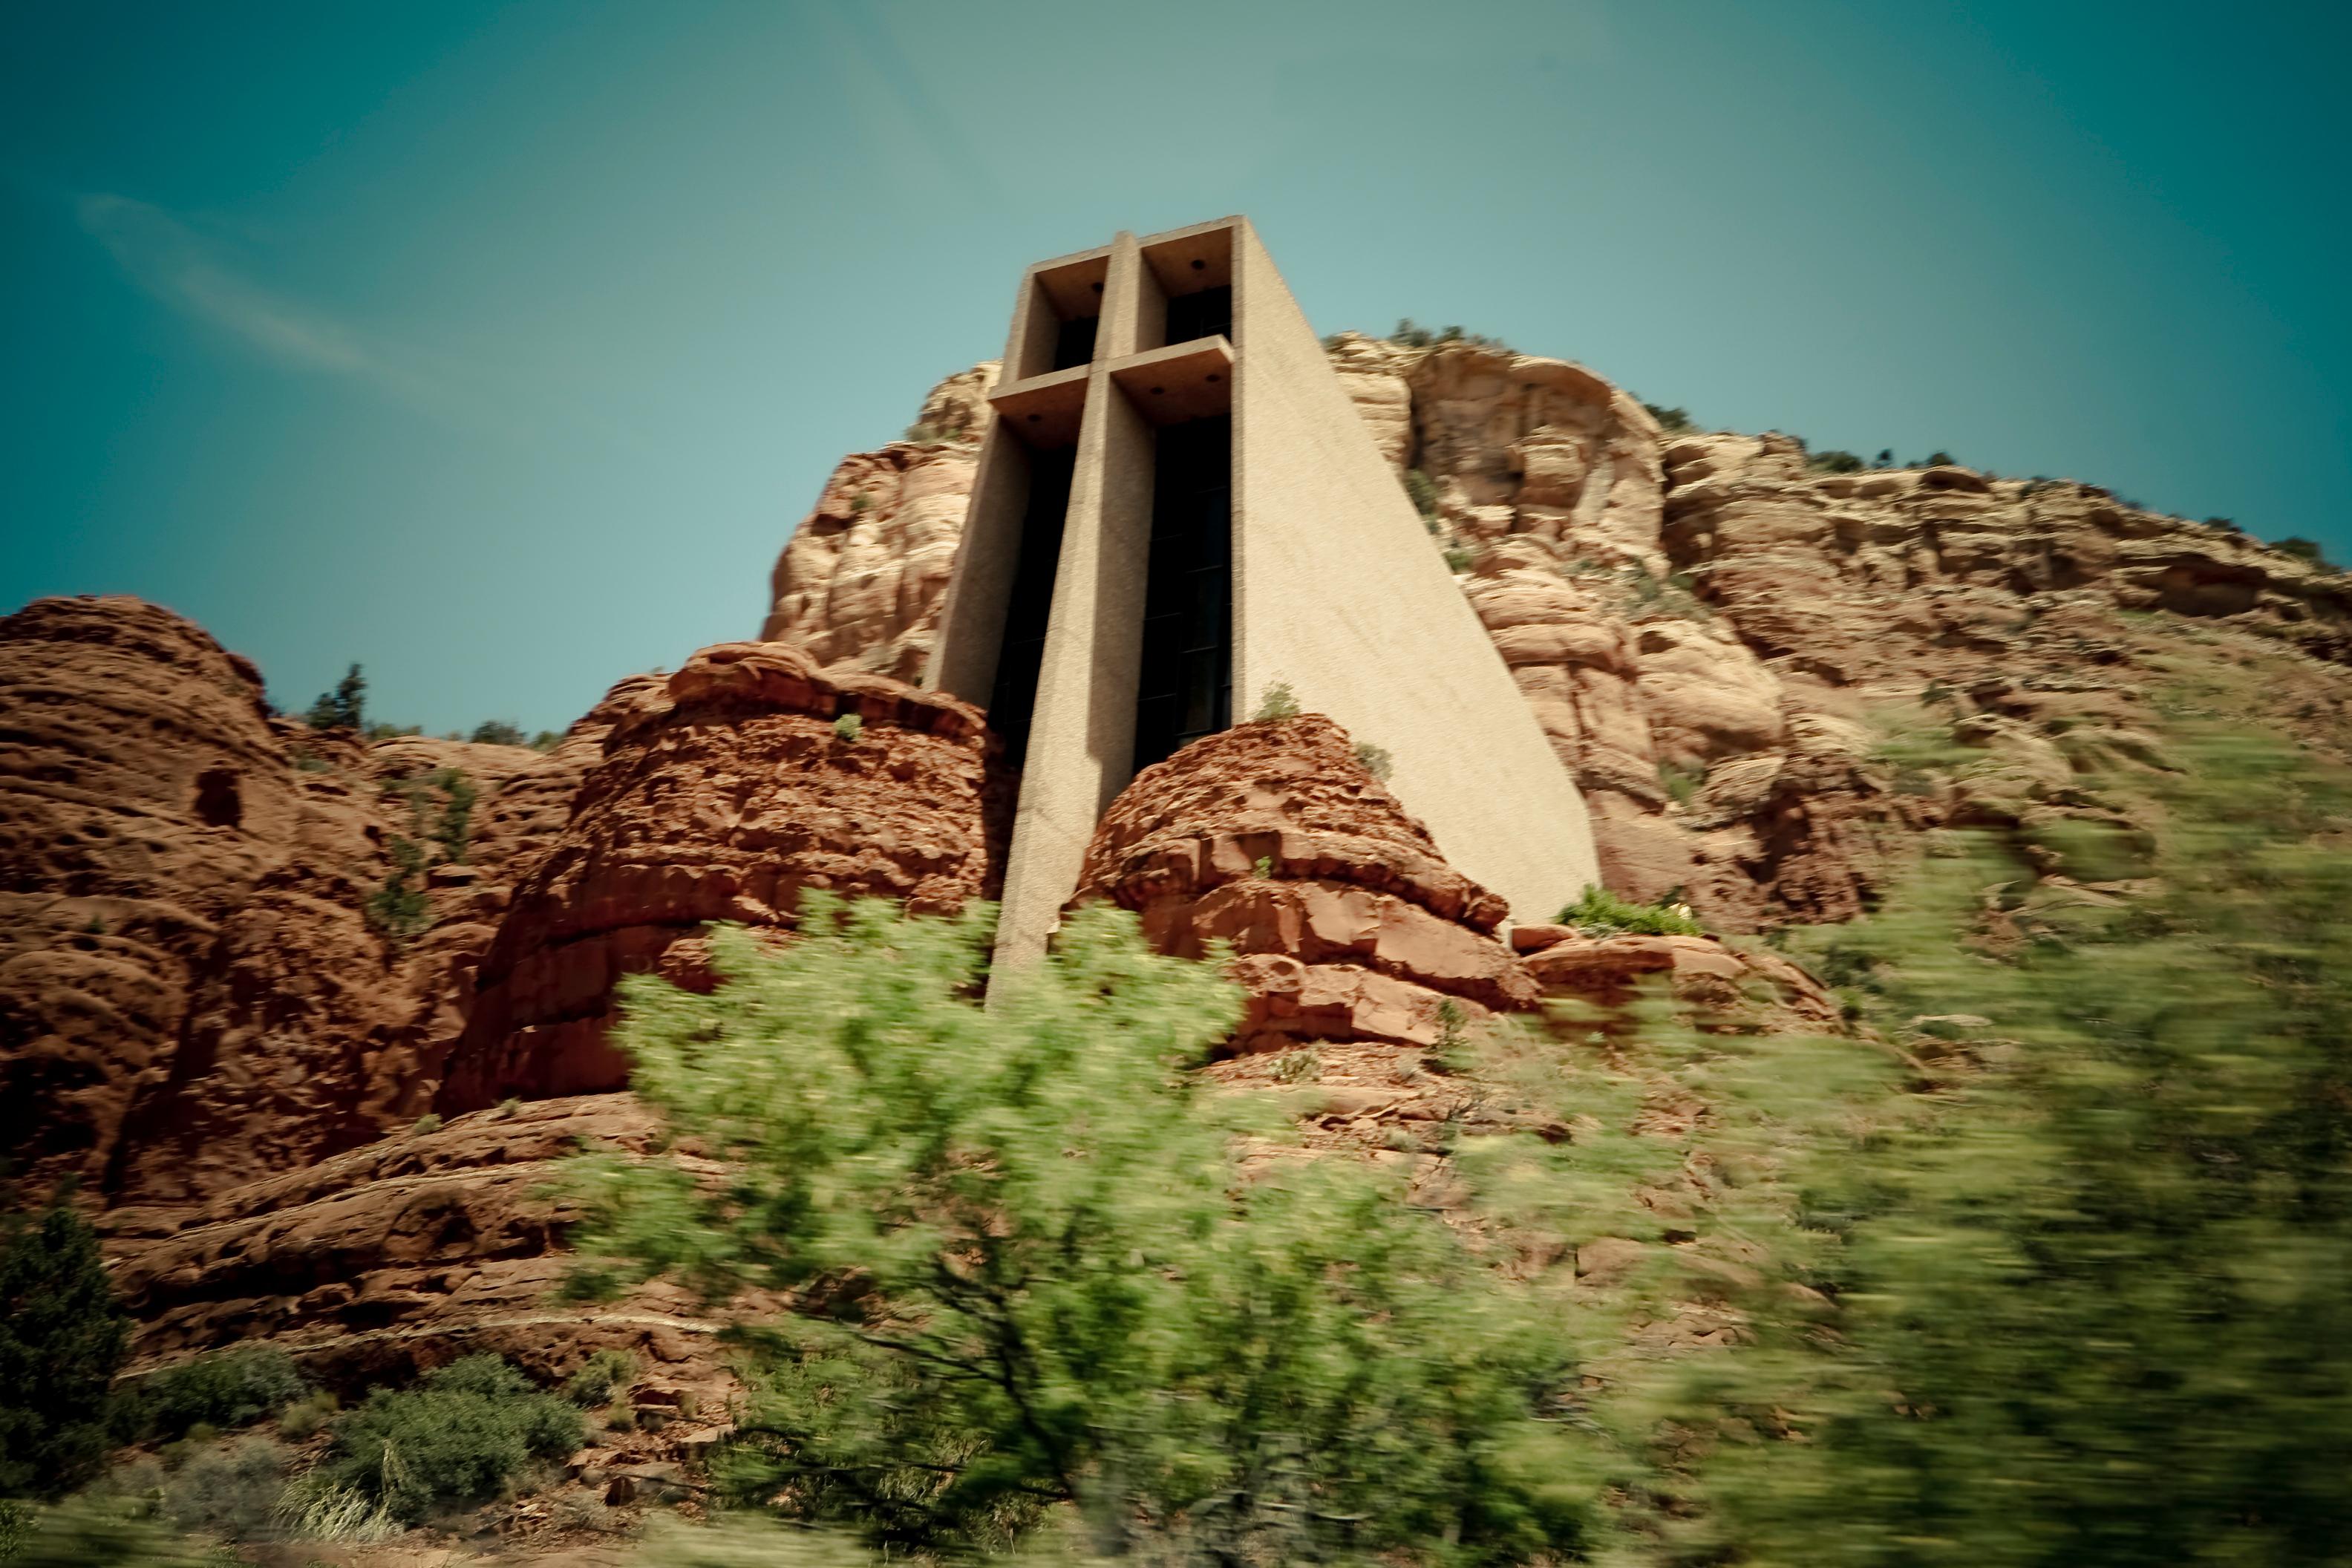 Church In A Rock